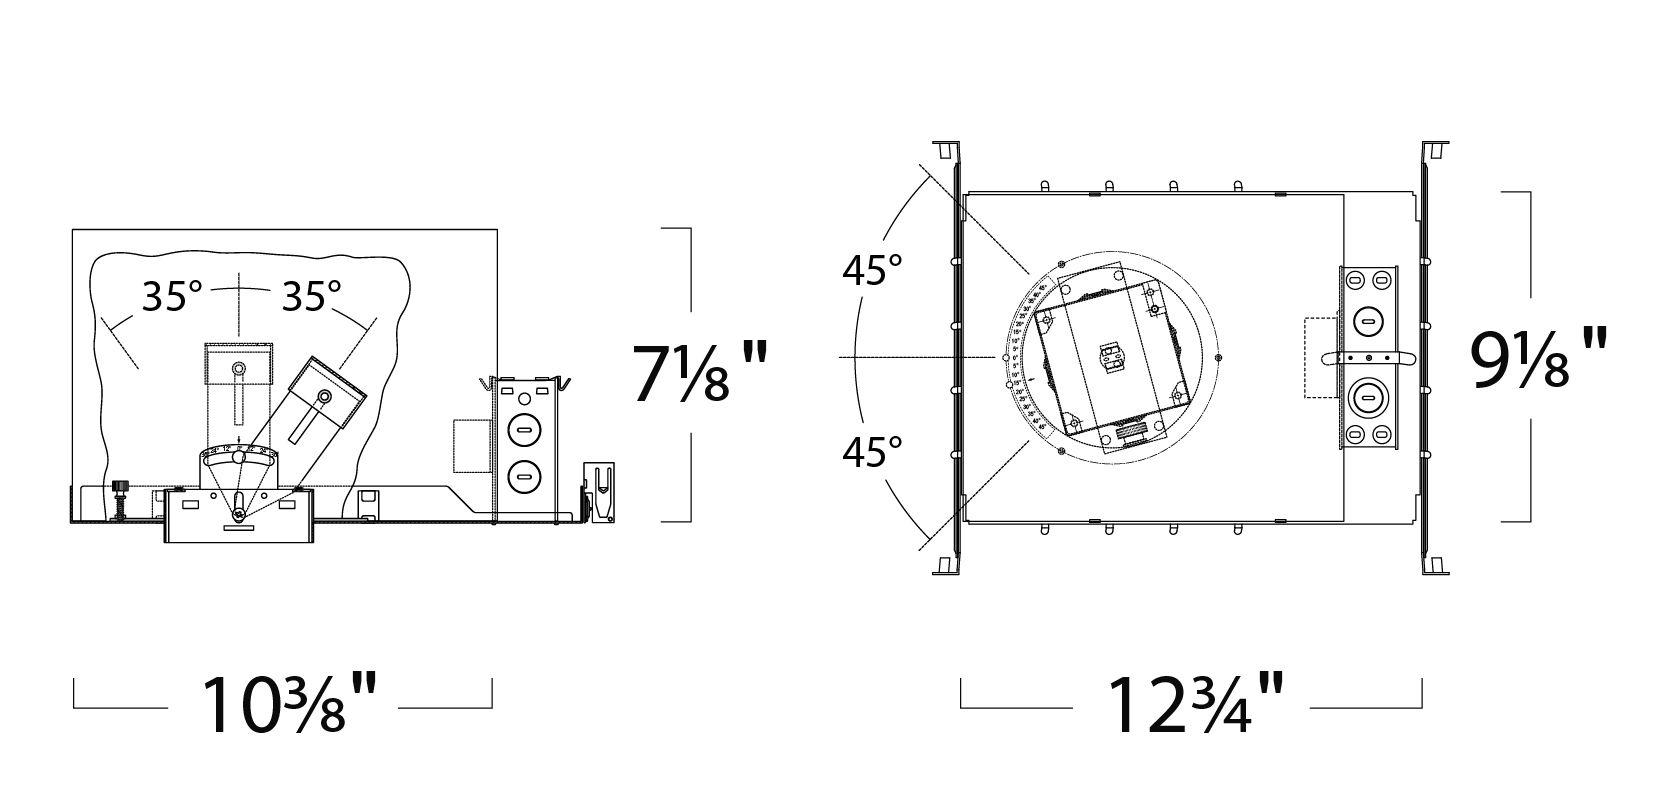 Alcon Lighting 2 Illusione 3 Inch Architectural Led